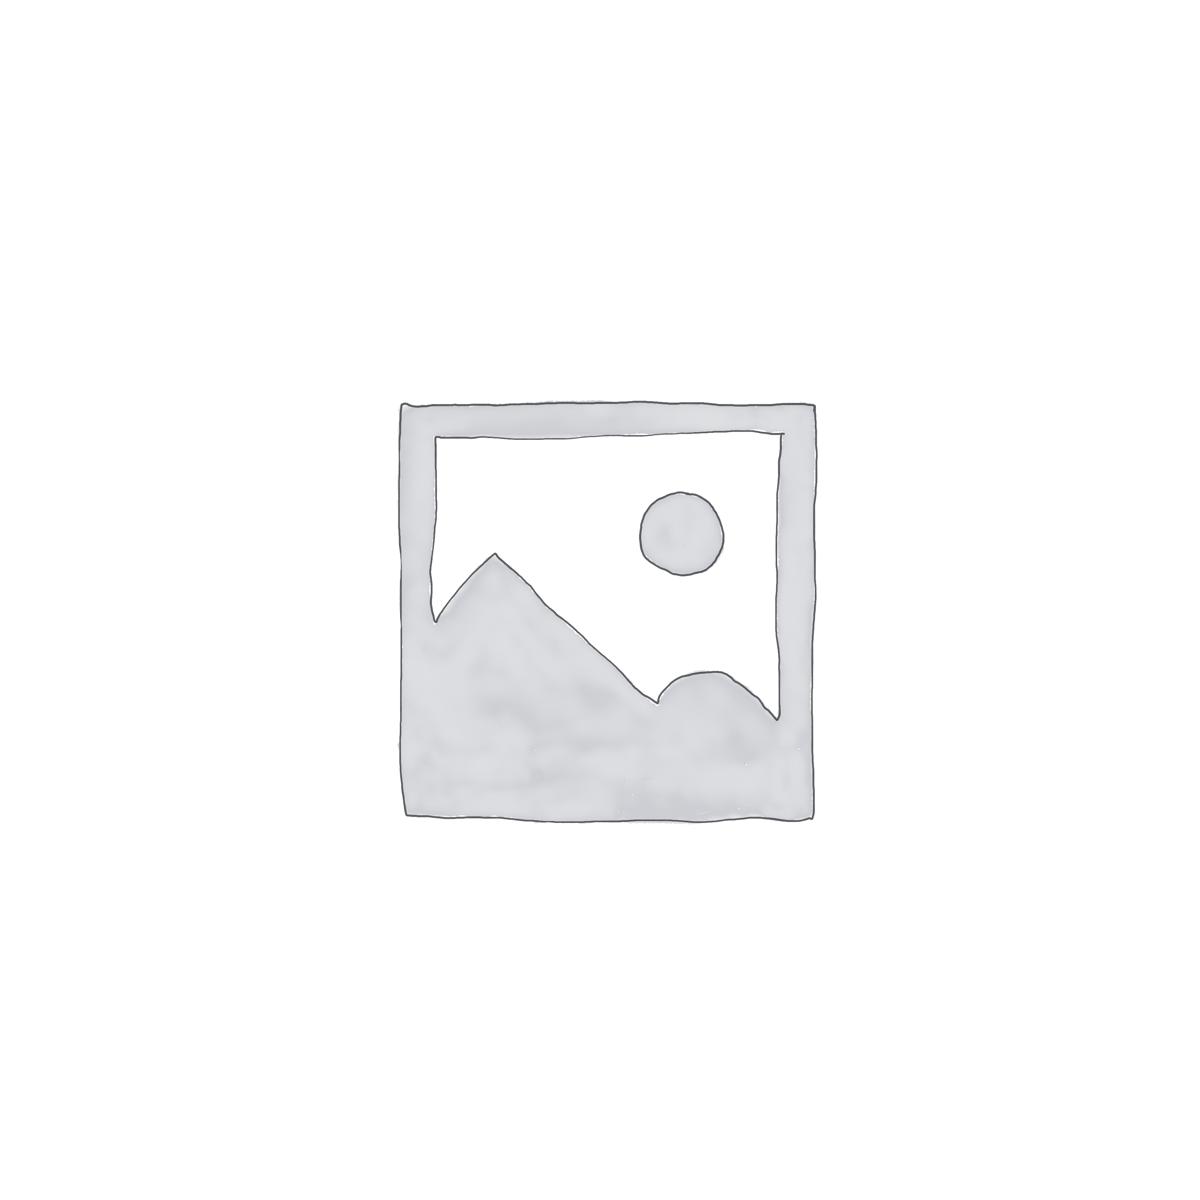 Watercolor Soft Floral Wallpaper Mural